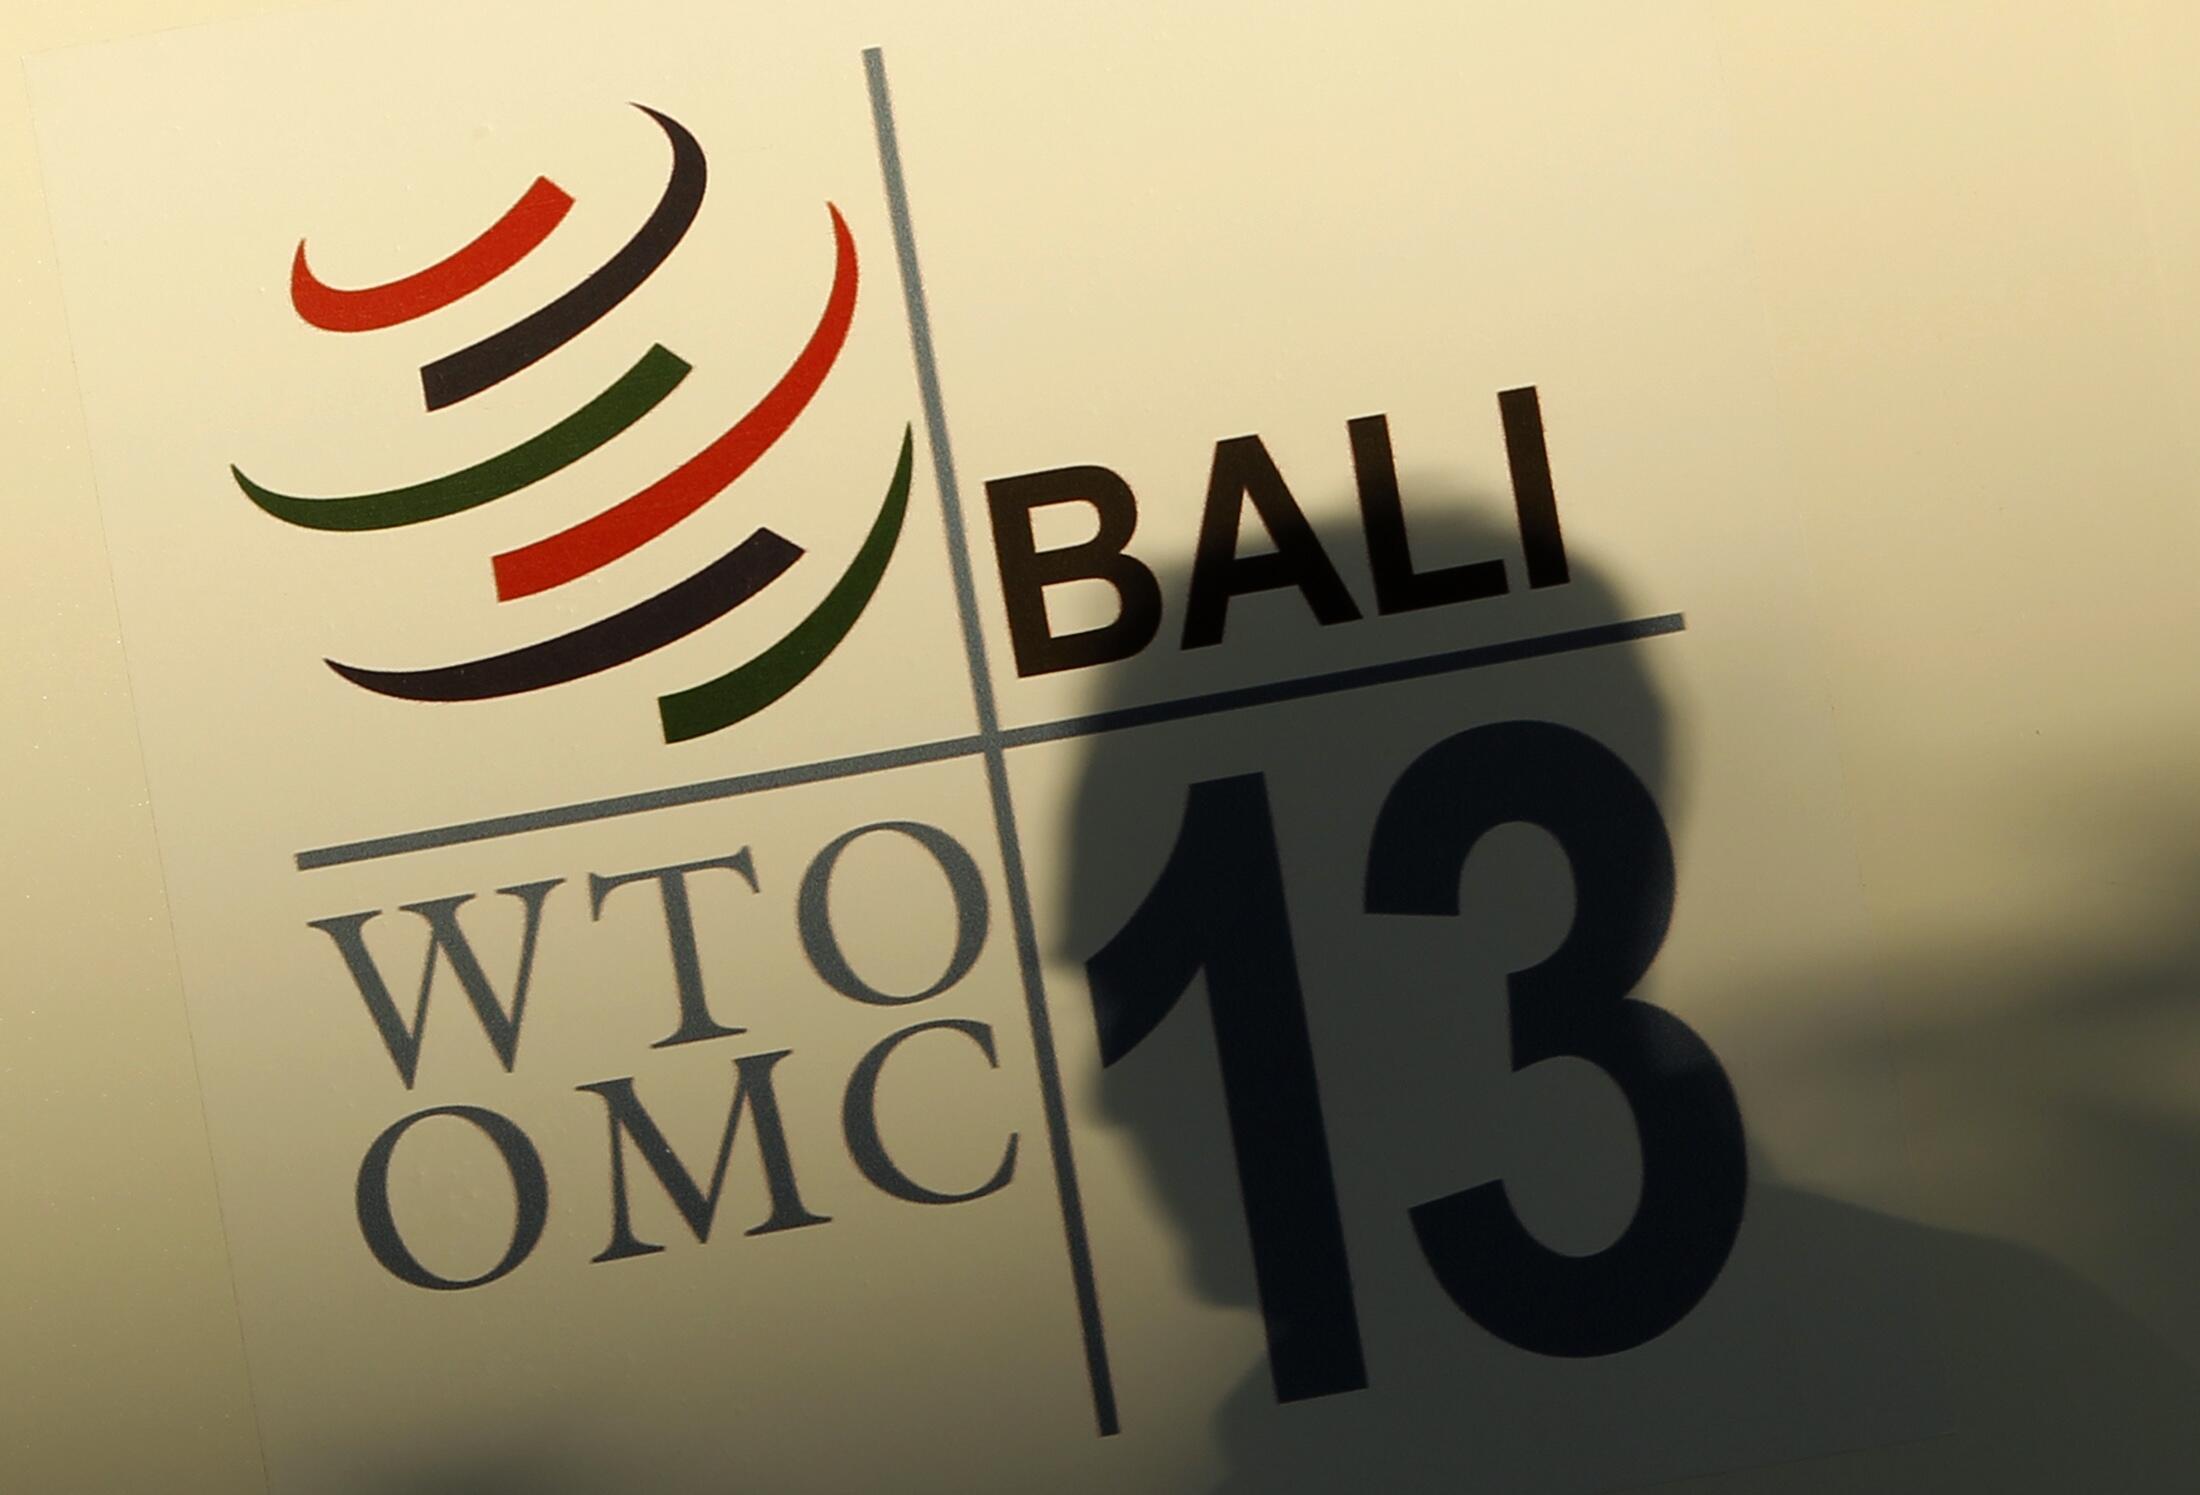 Ministros integrantes da OMC devem assinar tratado histórico no sábado.